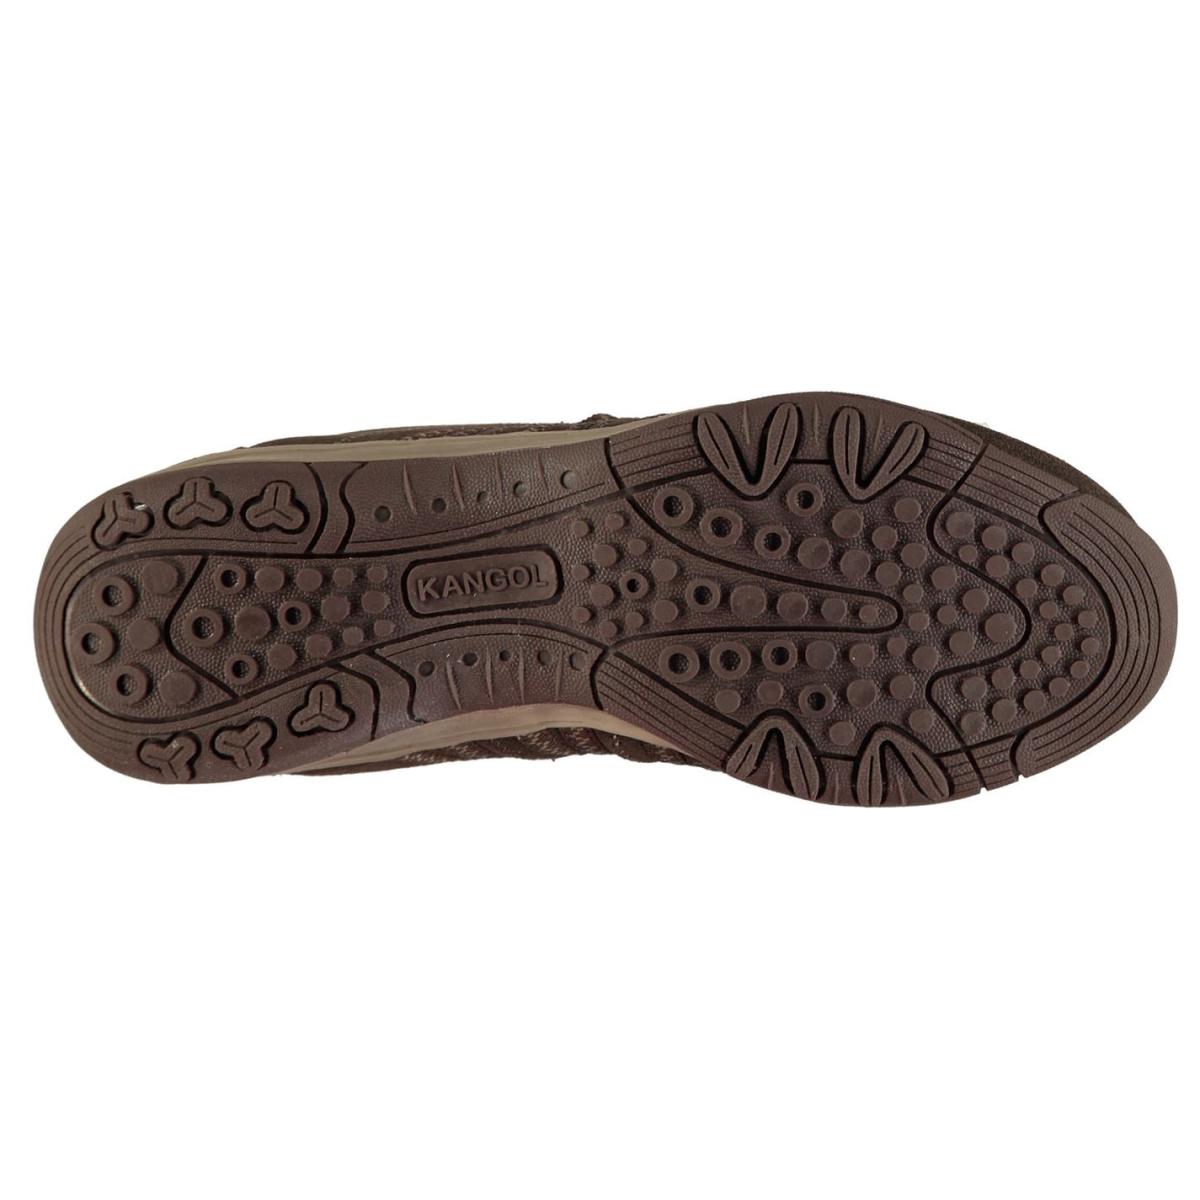 Kangol-Lynn-Lace-Turnschuhe-Damen-Sneaker-Sportschuhe-Laufschuhe-4877 Indexbild 6